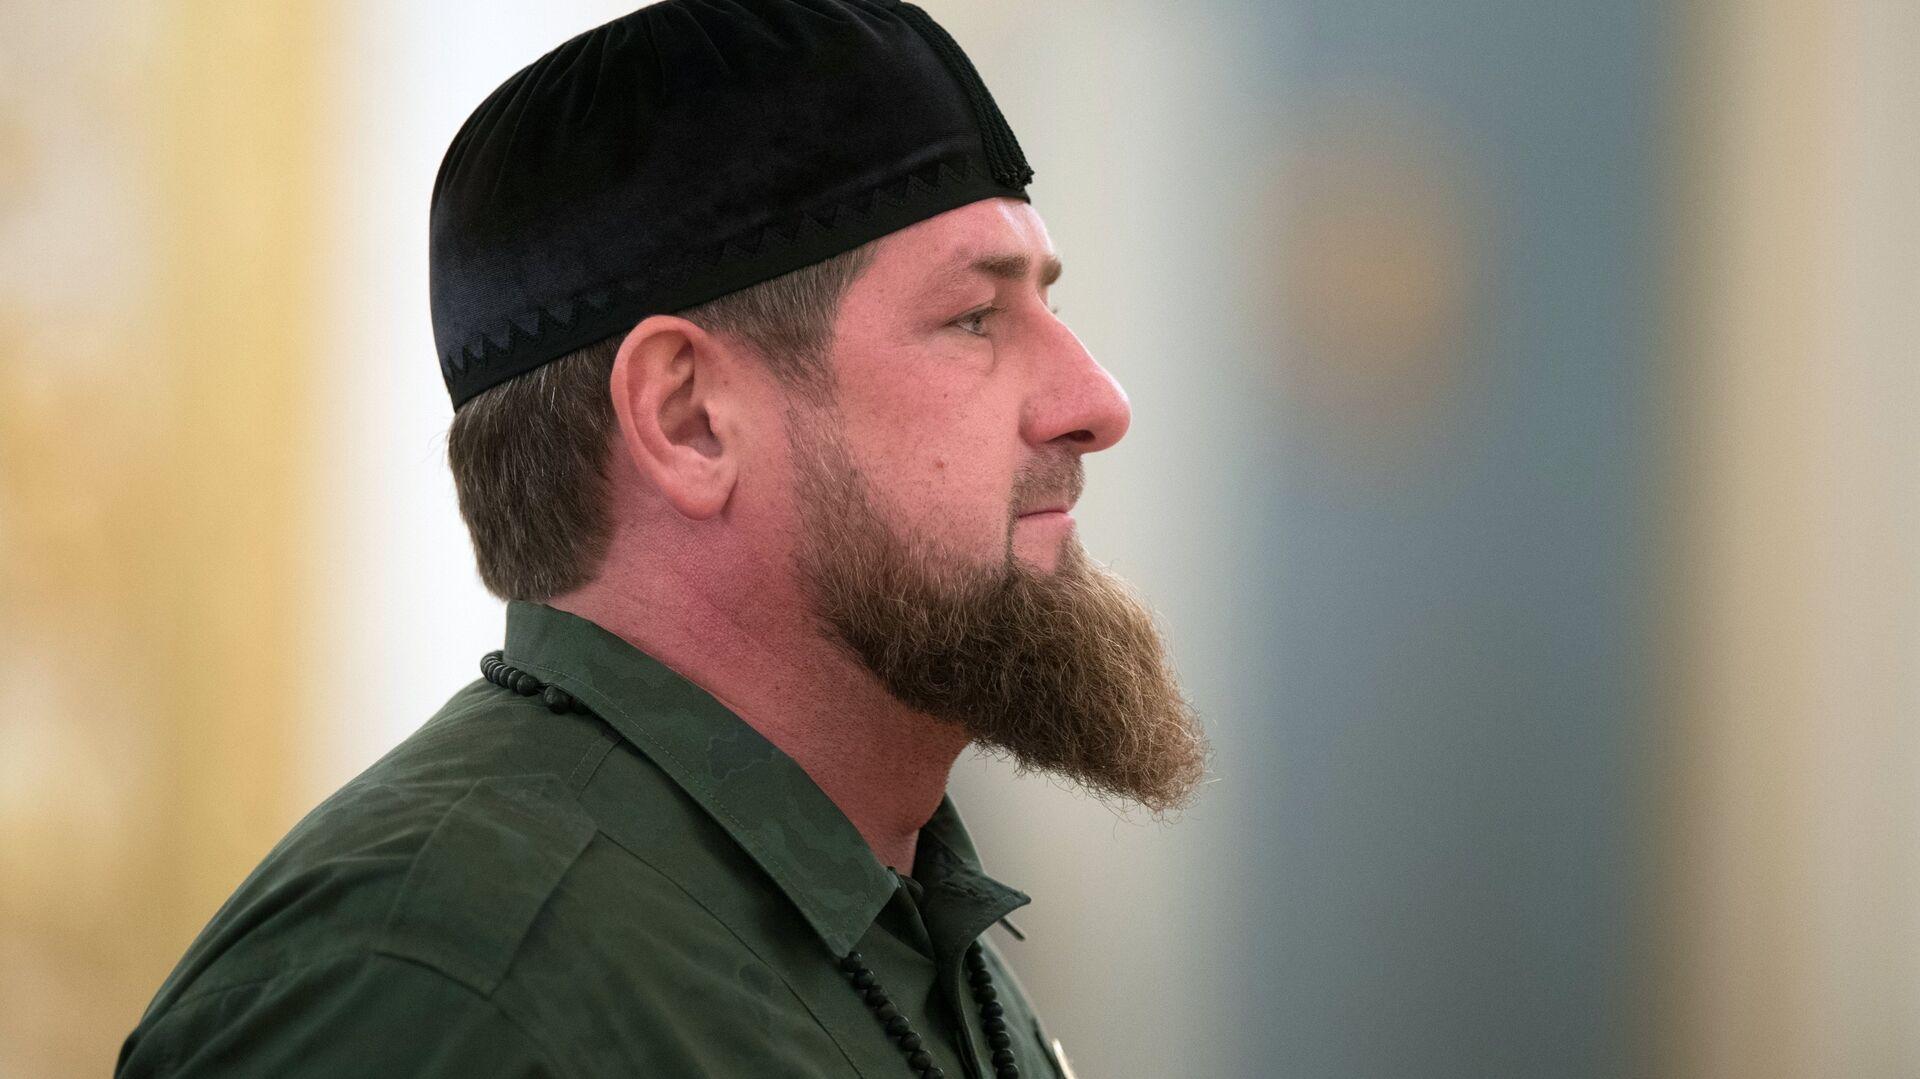 Глава Чеченской Республики Рамзан Кадыров  - РИА Новости, 1920, 18.08.2019